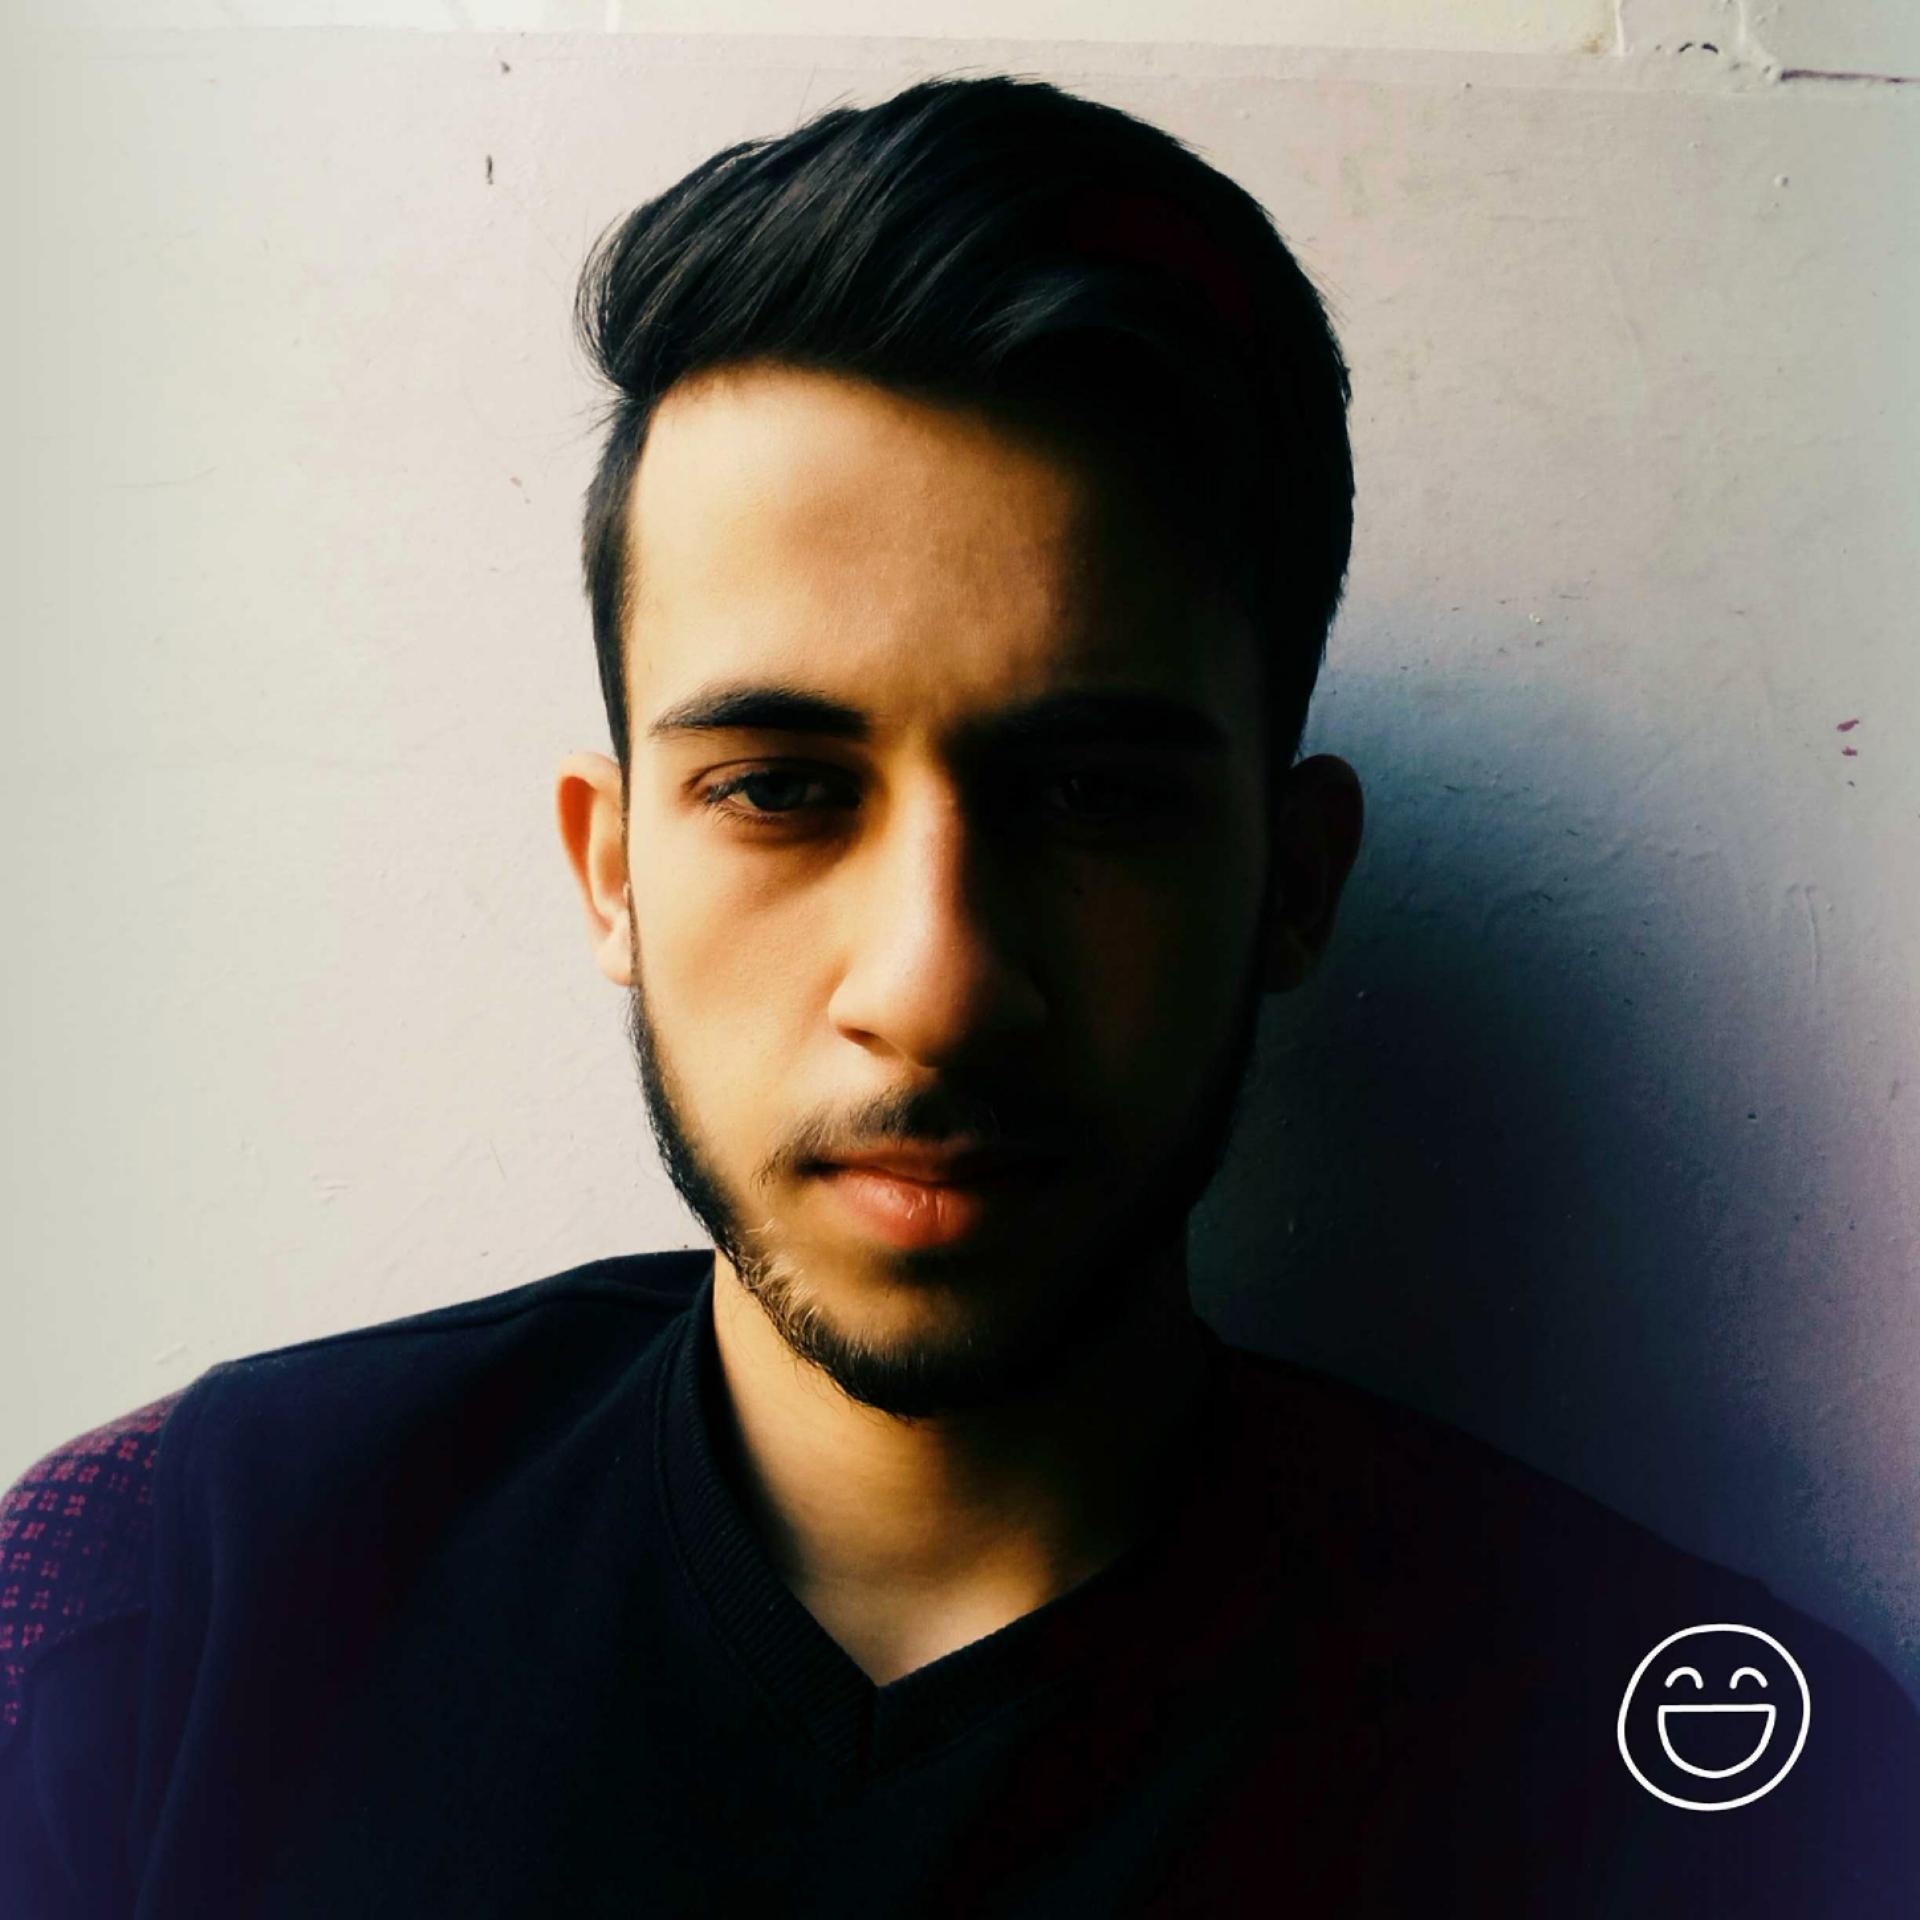 محمد کازم